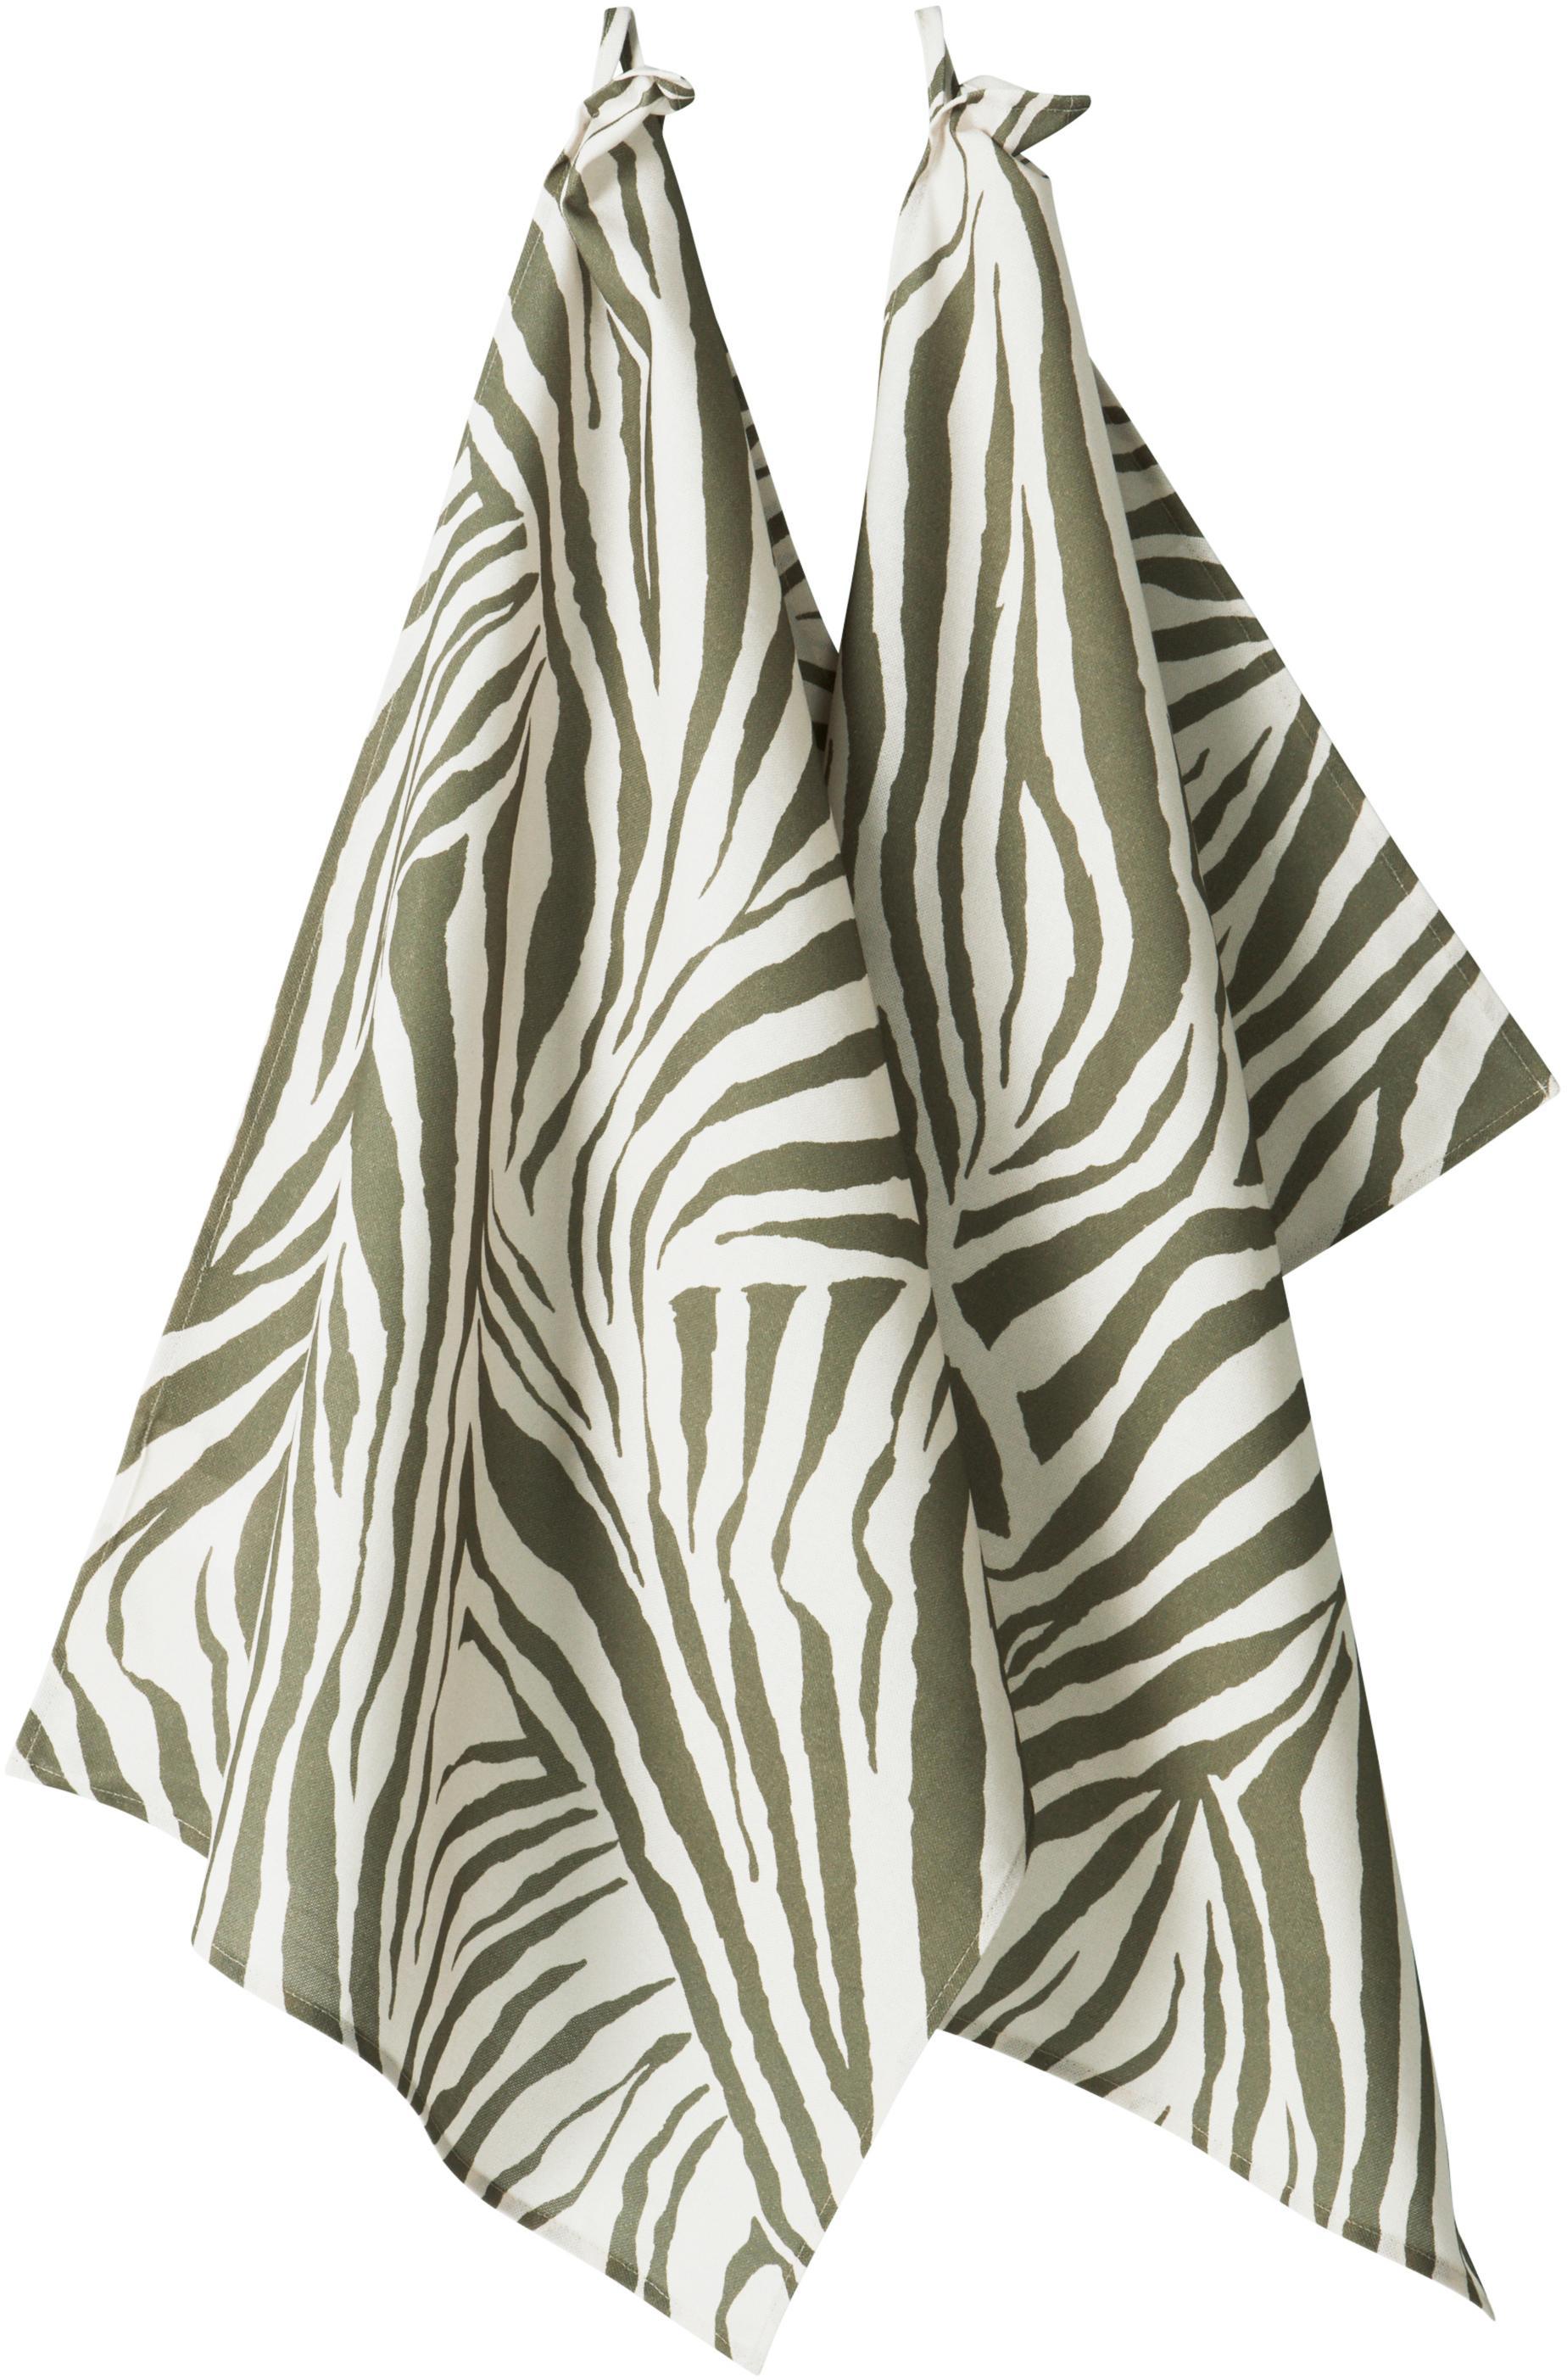 Ręcznik kuchenny Zadie, 2 szt., 100% bawełna pochodząca ze zrównoważonych upraw, Oliwkowy zielony, kremowobiały, S 50 x D 70 cm